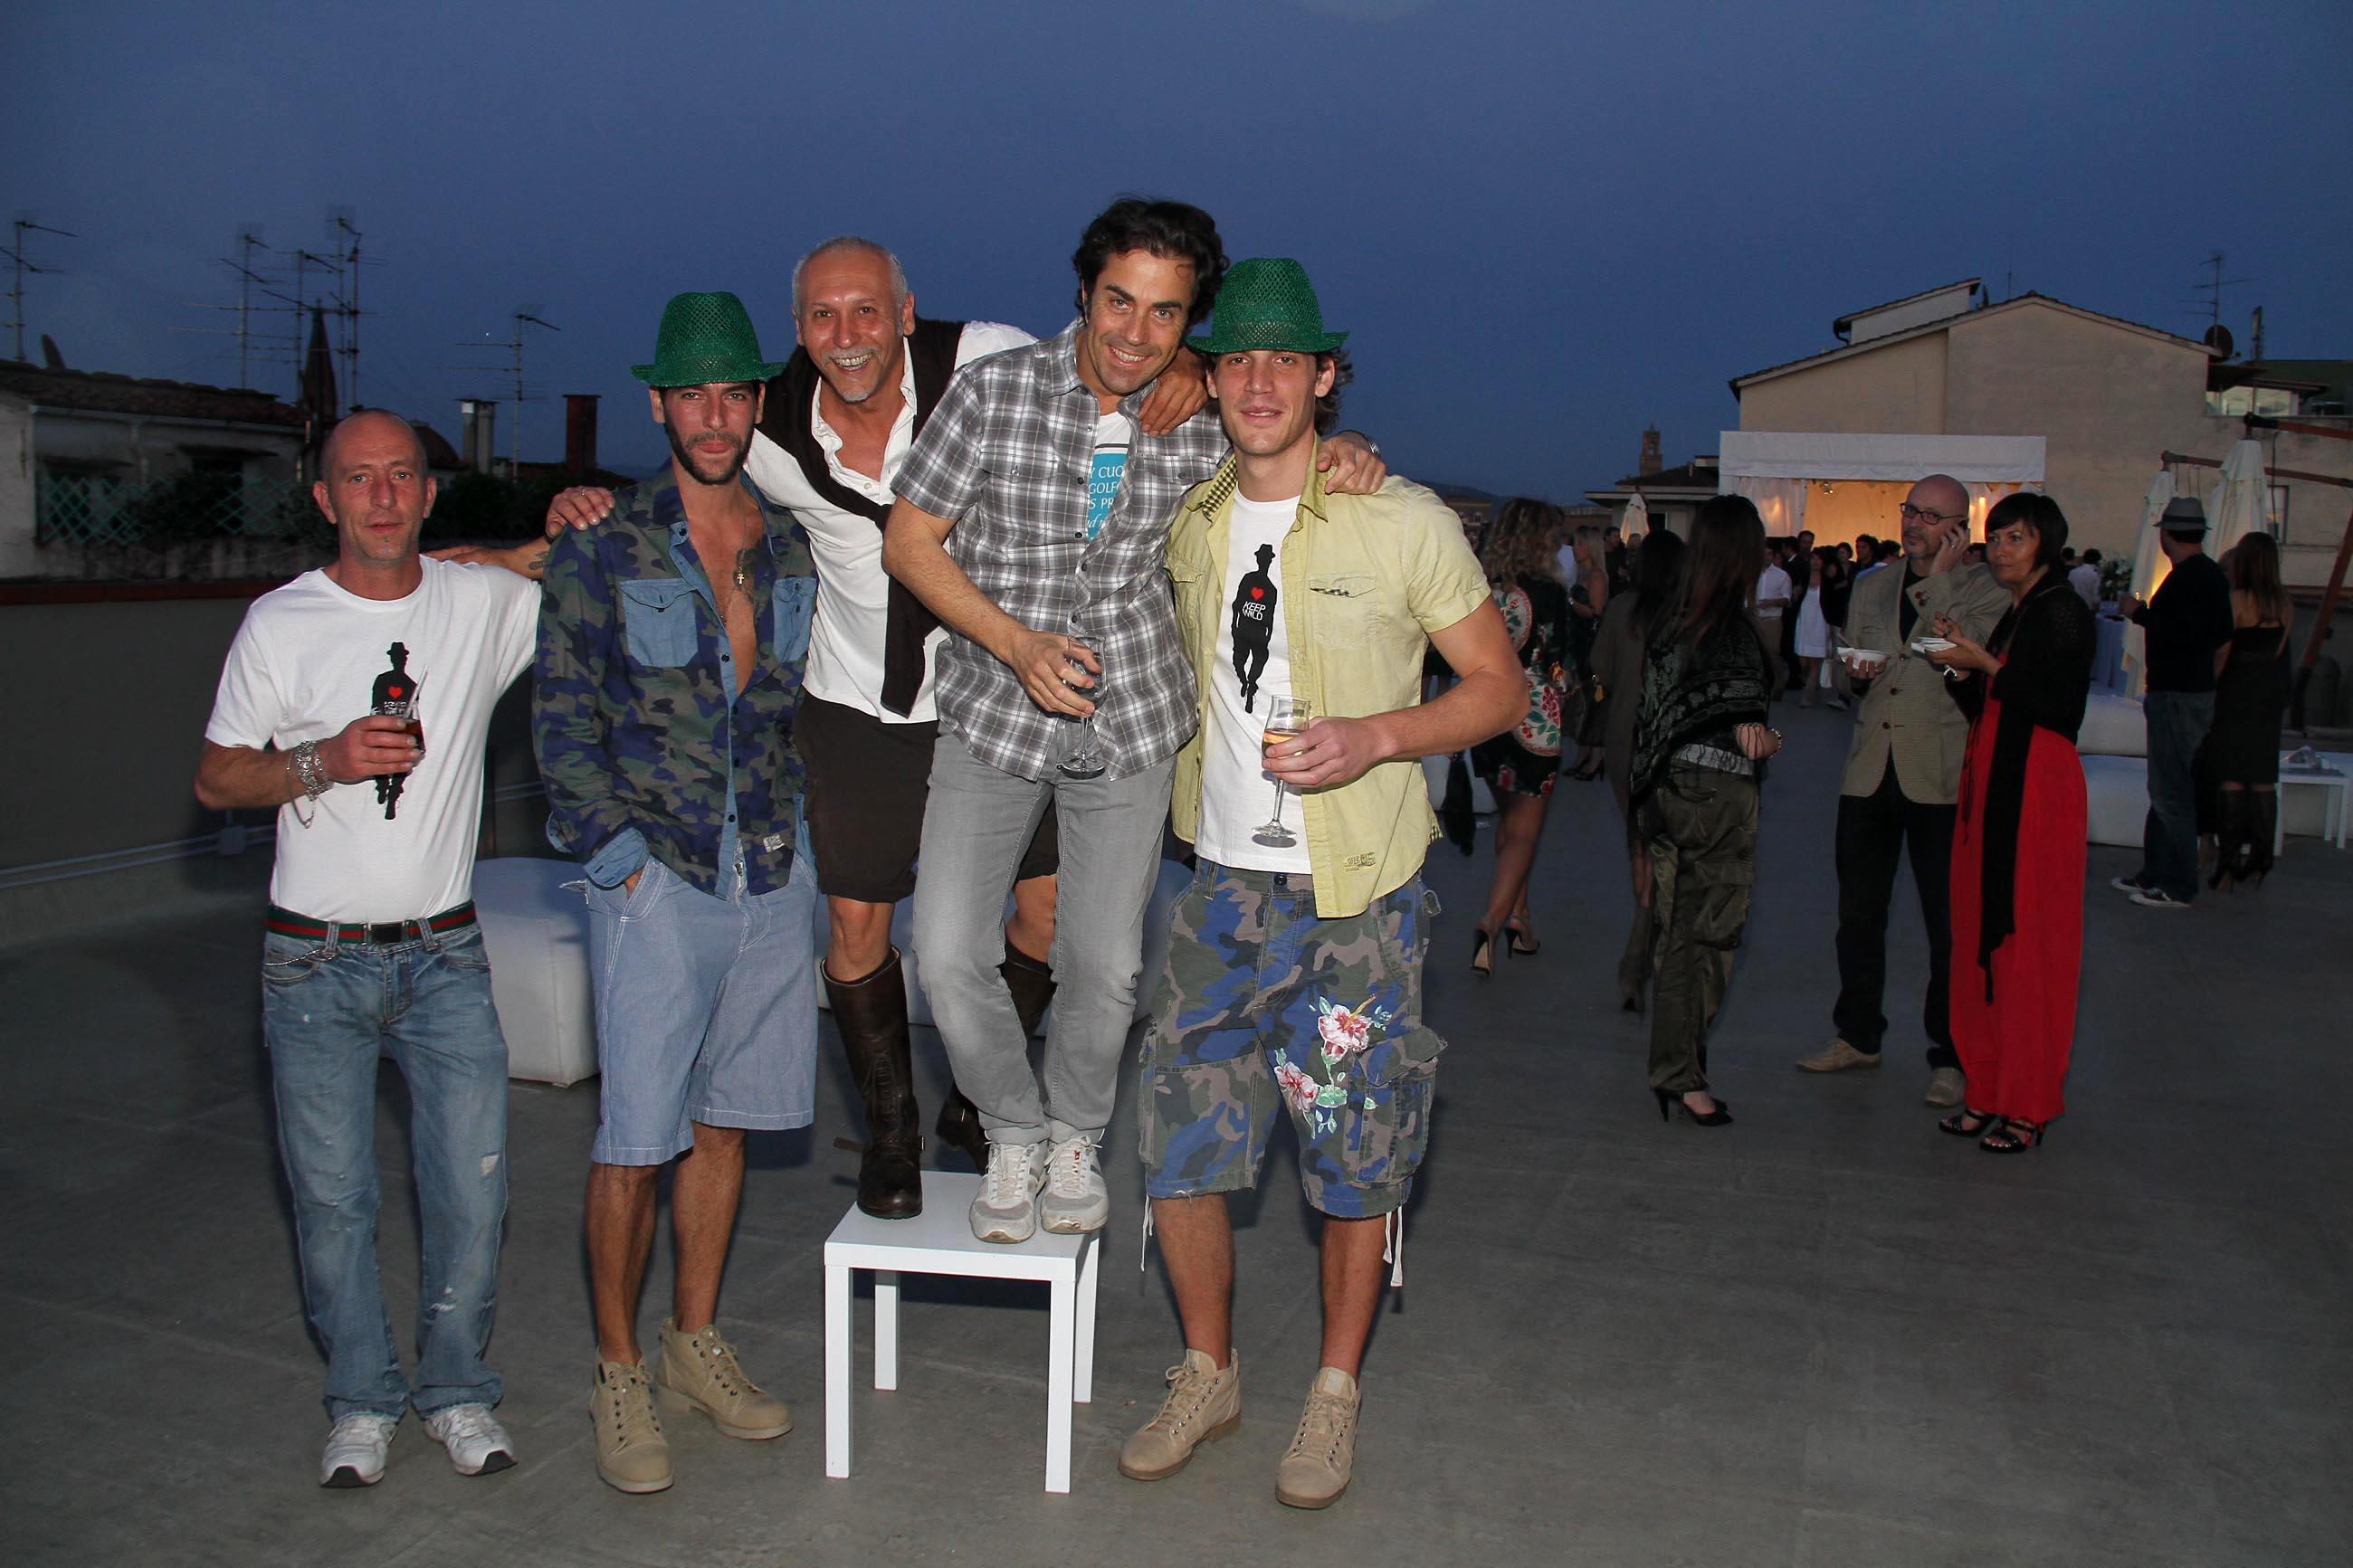 PRESSPHOTO Firenze, Garage Europa, evento Keep Wild. Nella foto Stefano e Paolo Bacciarini, Riccardo Paolicchi con alcuni odelli